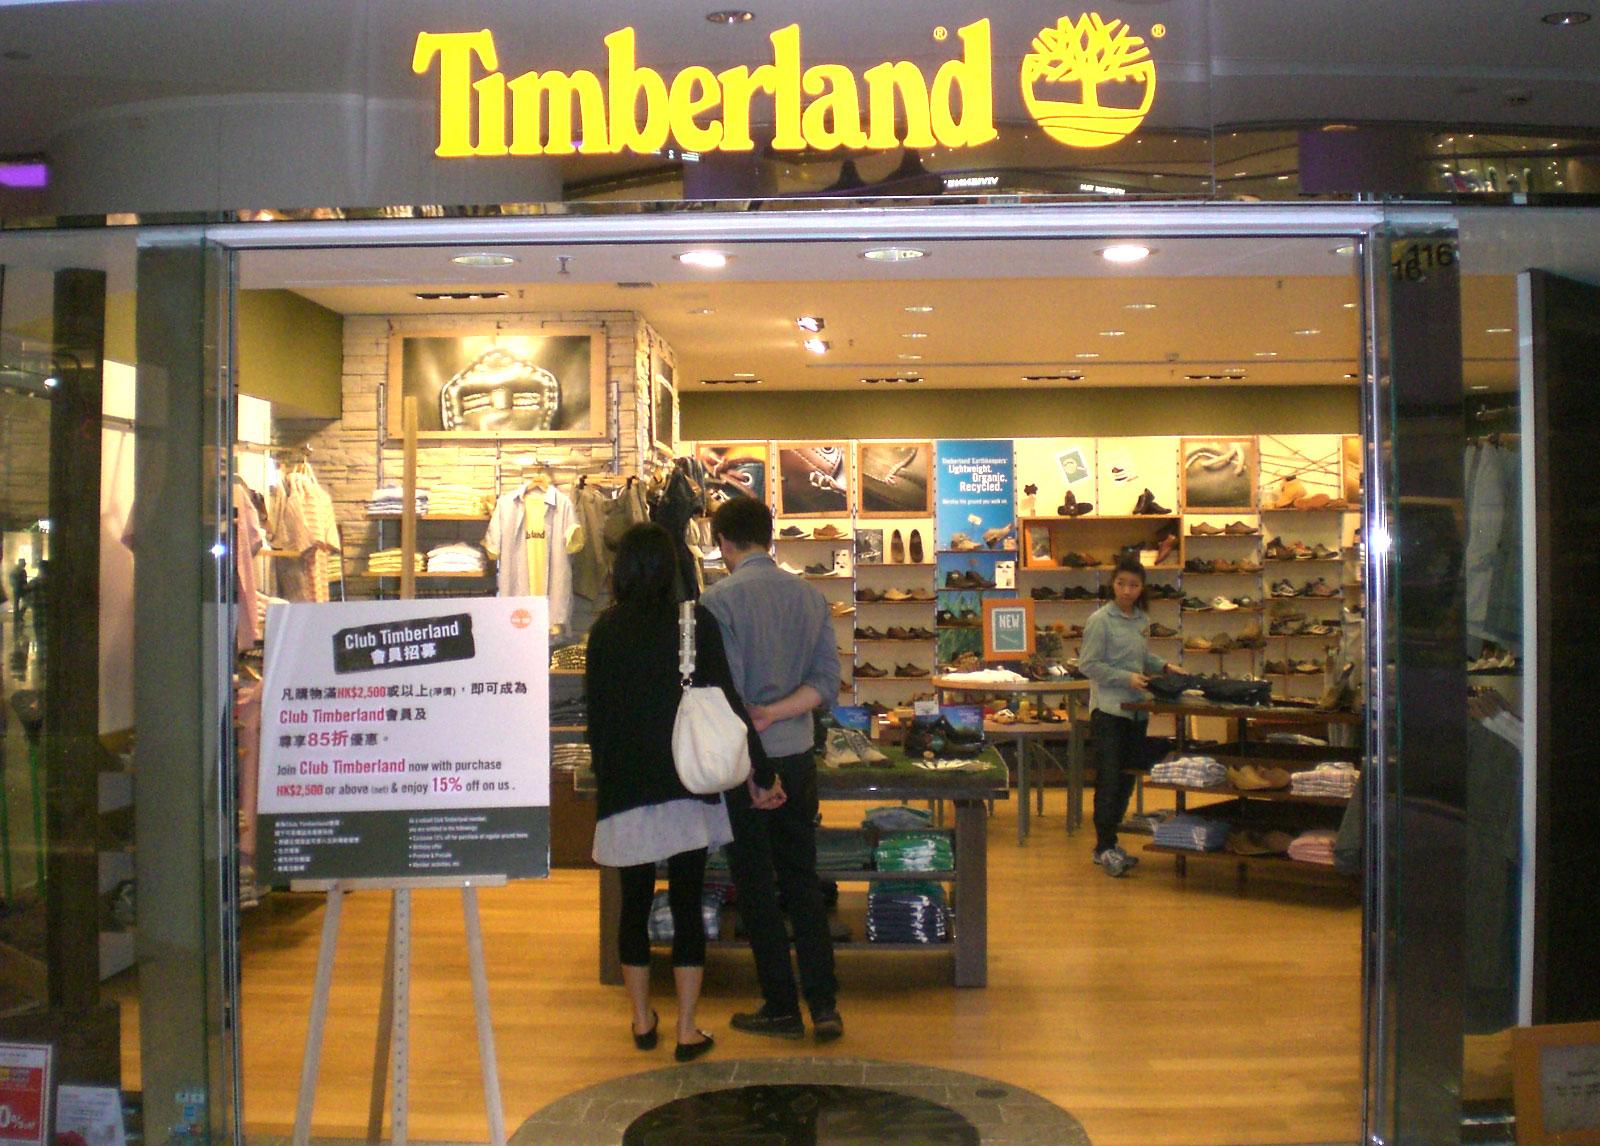 Timberland Amazon fires VoucherCodesUAE